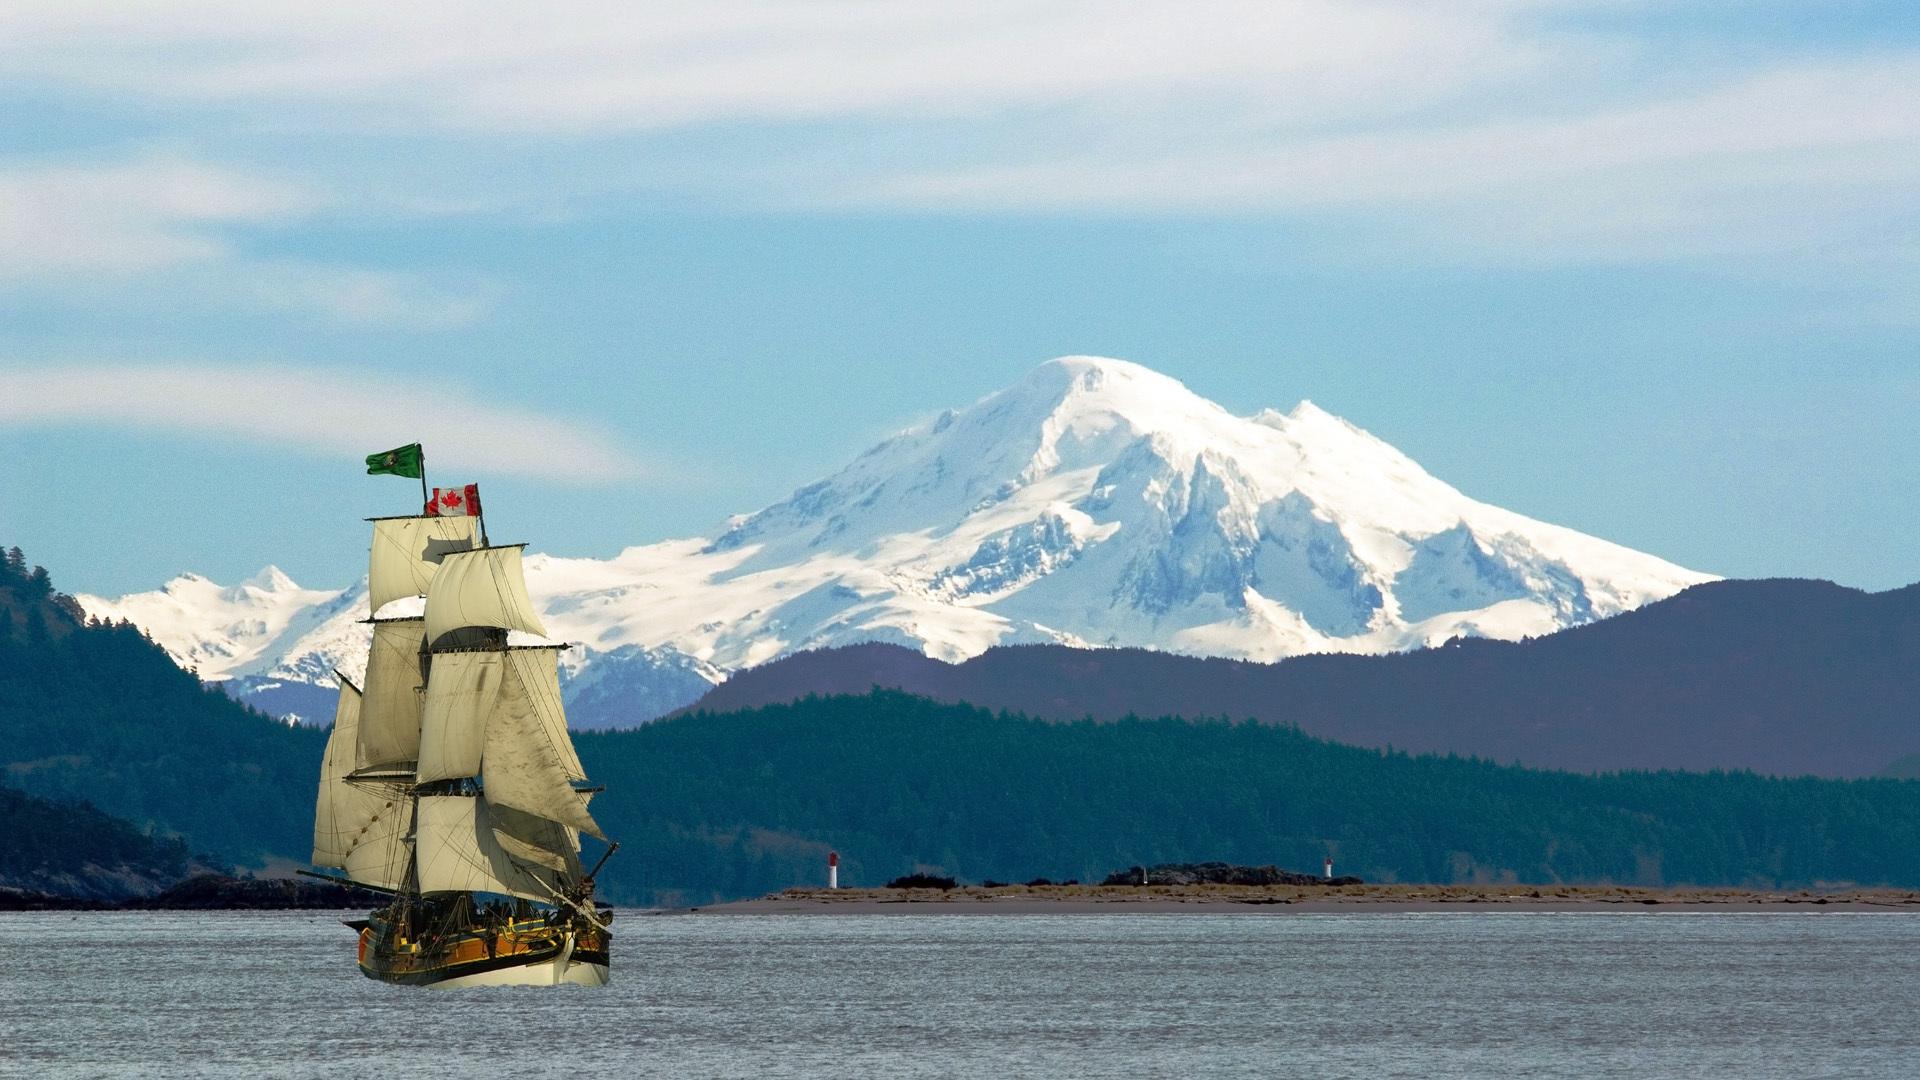 Скачать картинку Корабли, Море, Горы, Транспорт, Пейзаж в телефон бесплатно.